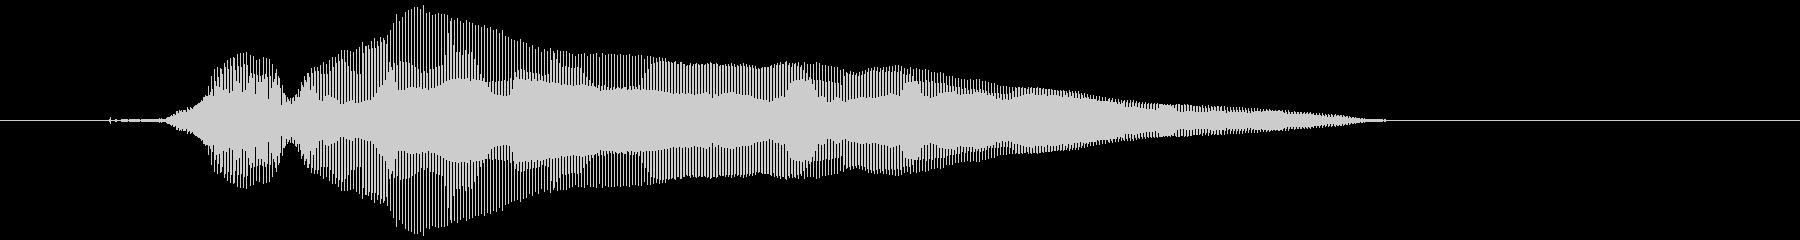 キラーン!の未再生の波形